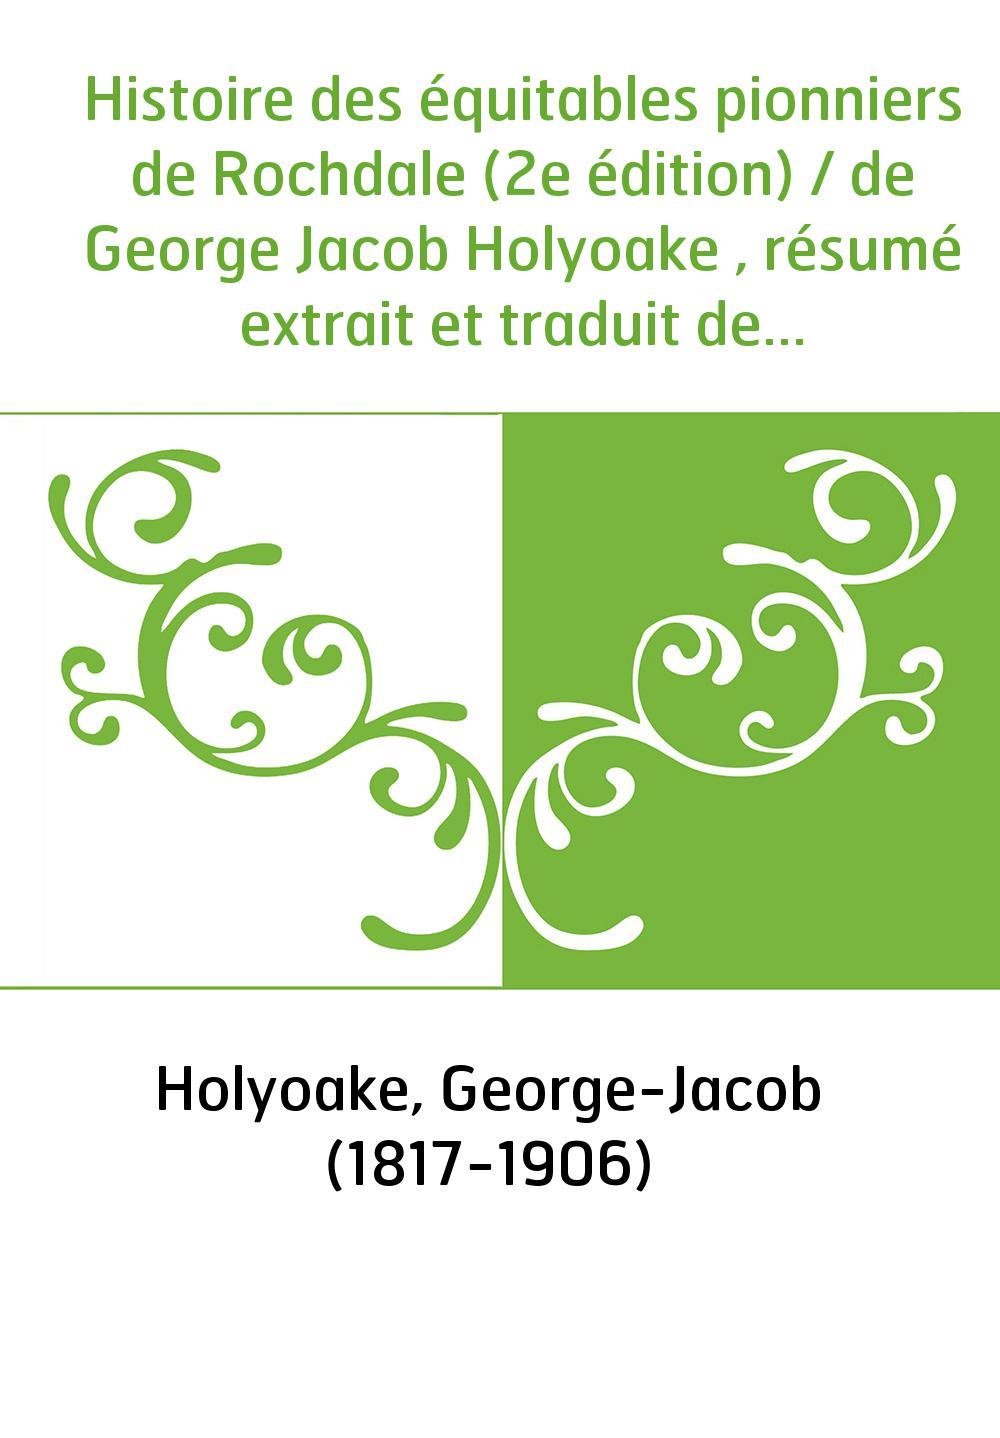 Histoire des équitables pionniers de Rochdale (2e édition) / de George Jacob Holyoake , résumé extrait et traduit de l'anglais p